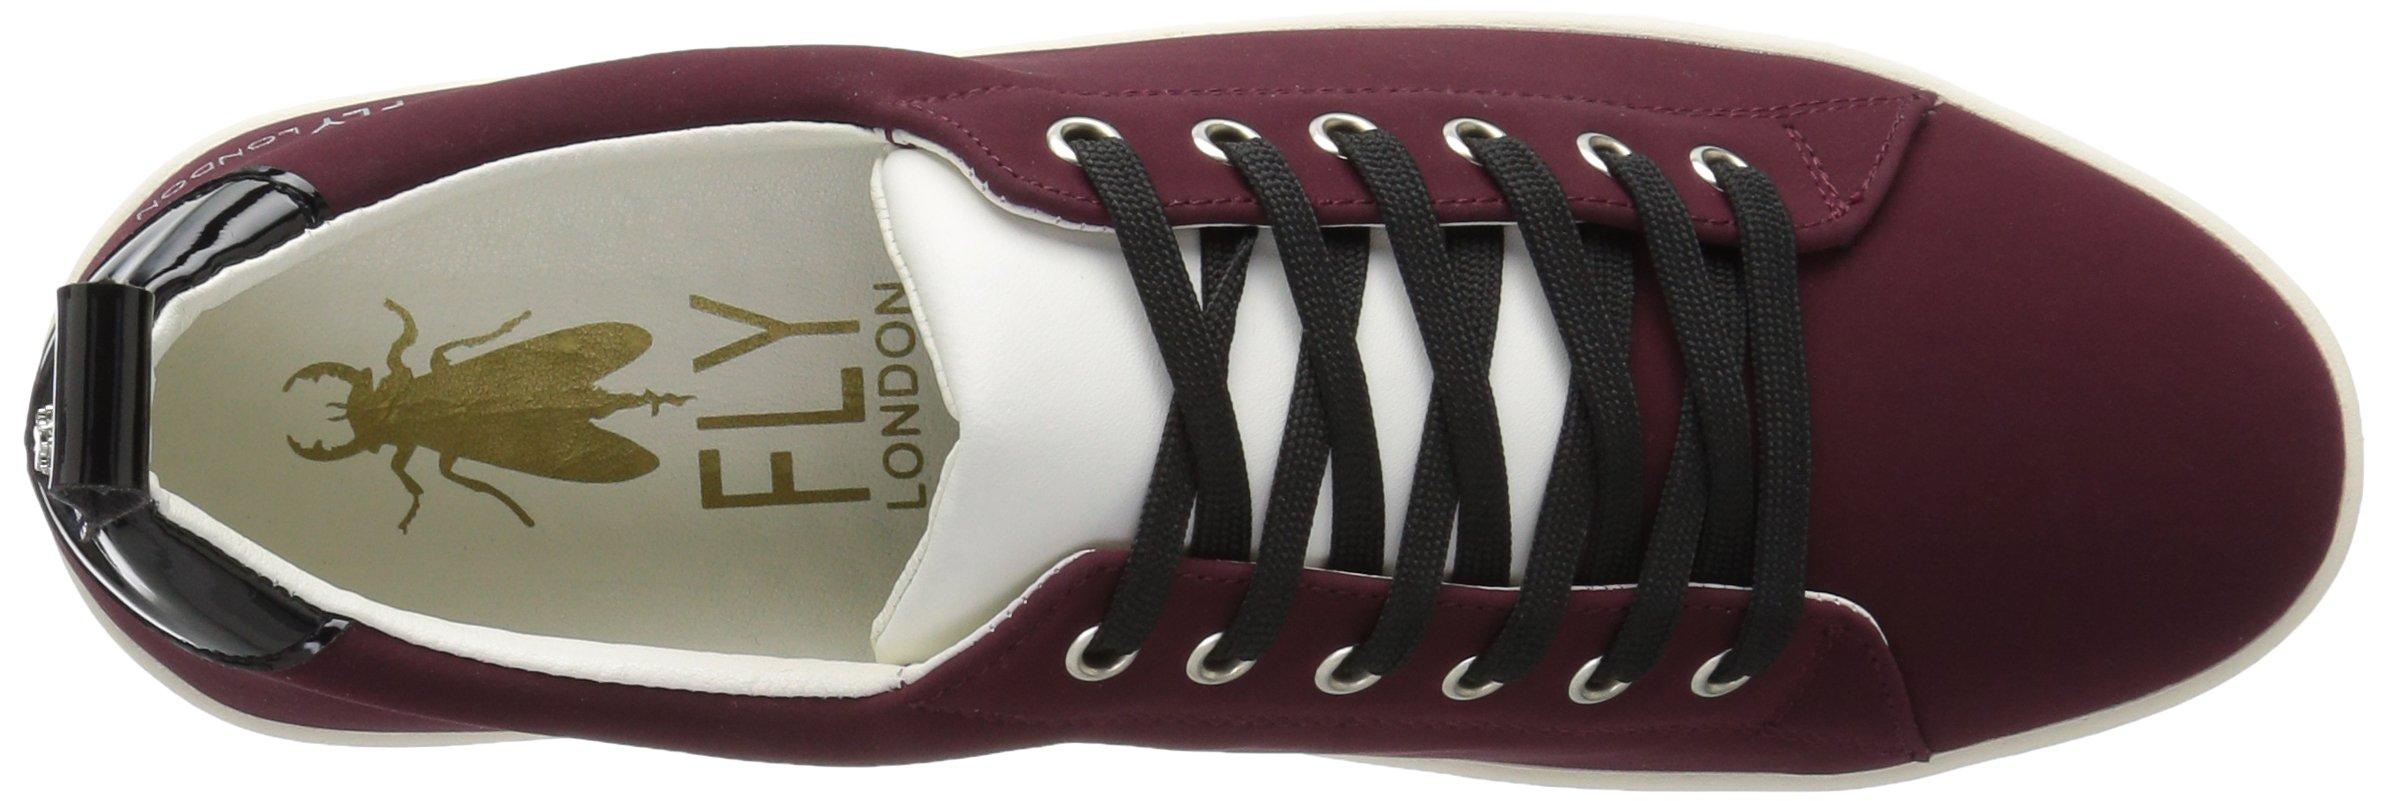 FLY London Women's MACO833FLY Sneaker, Bordeaux/Black Nubuck/Patent, 37 M EU (6.5-7 US) by FLY London (Image #8)